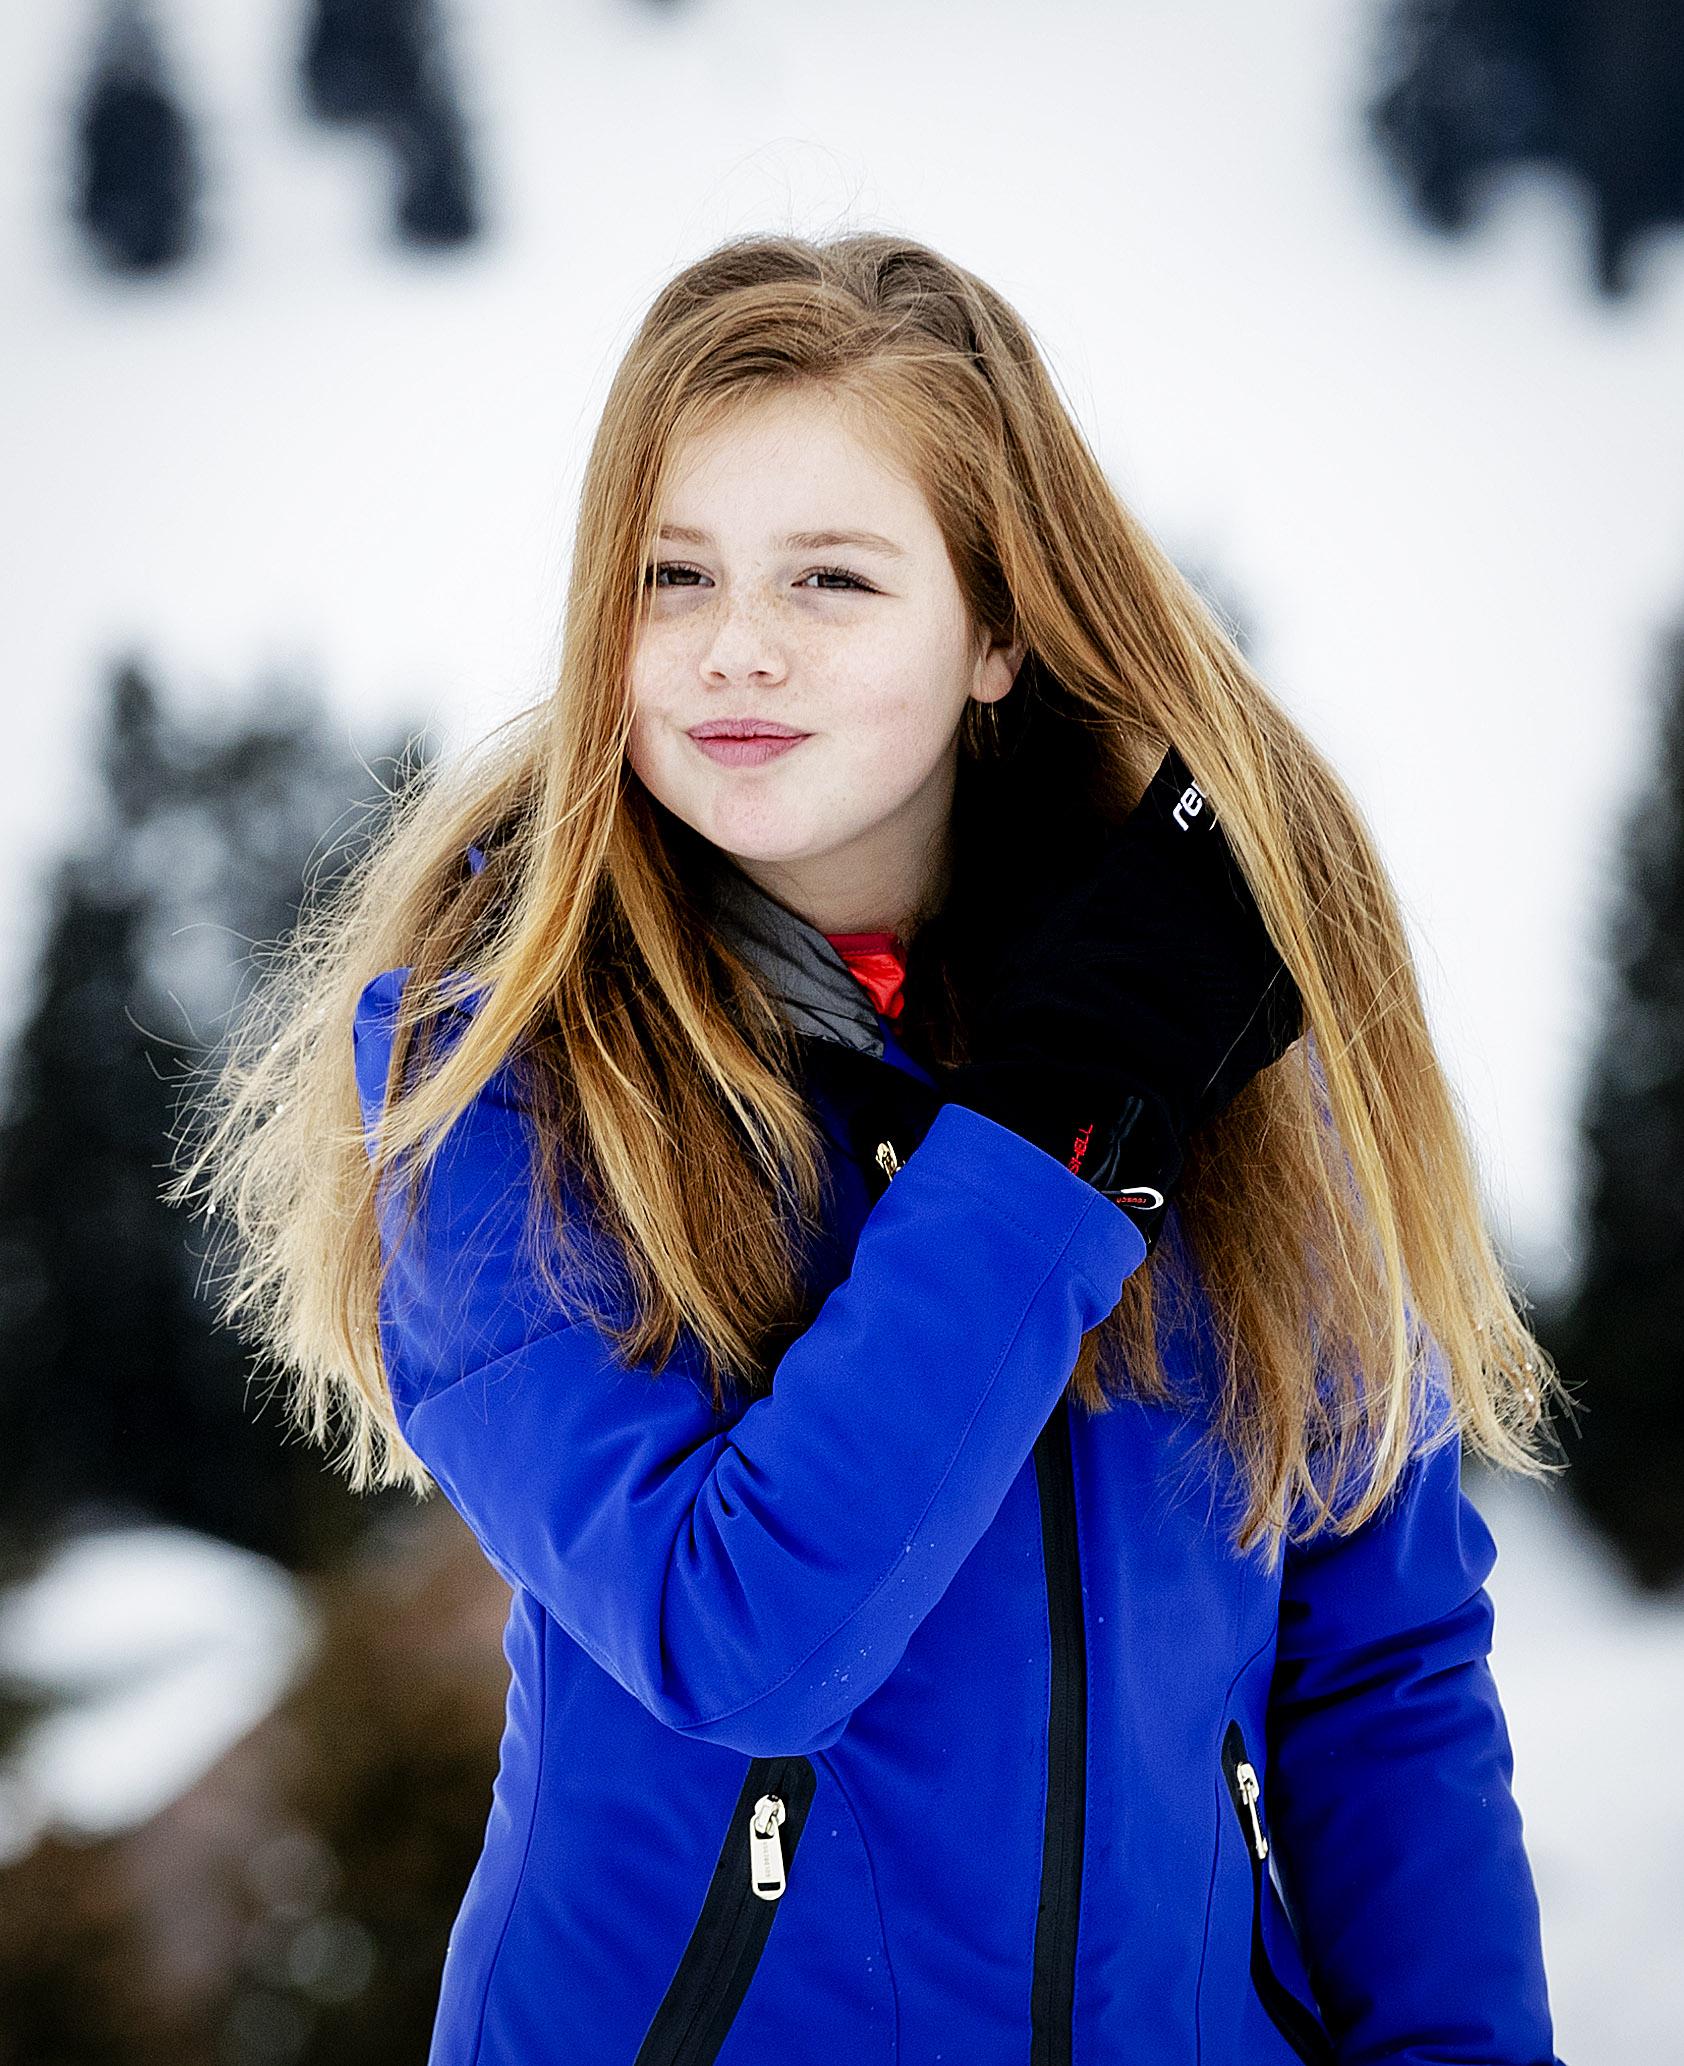 Prinses Alexia tijdens de jaarlijkse fotosessie in het Oostenrijkse Lech in 2017